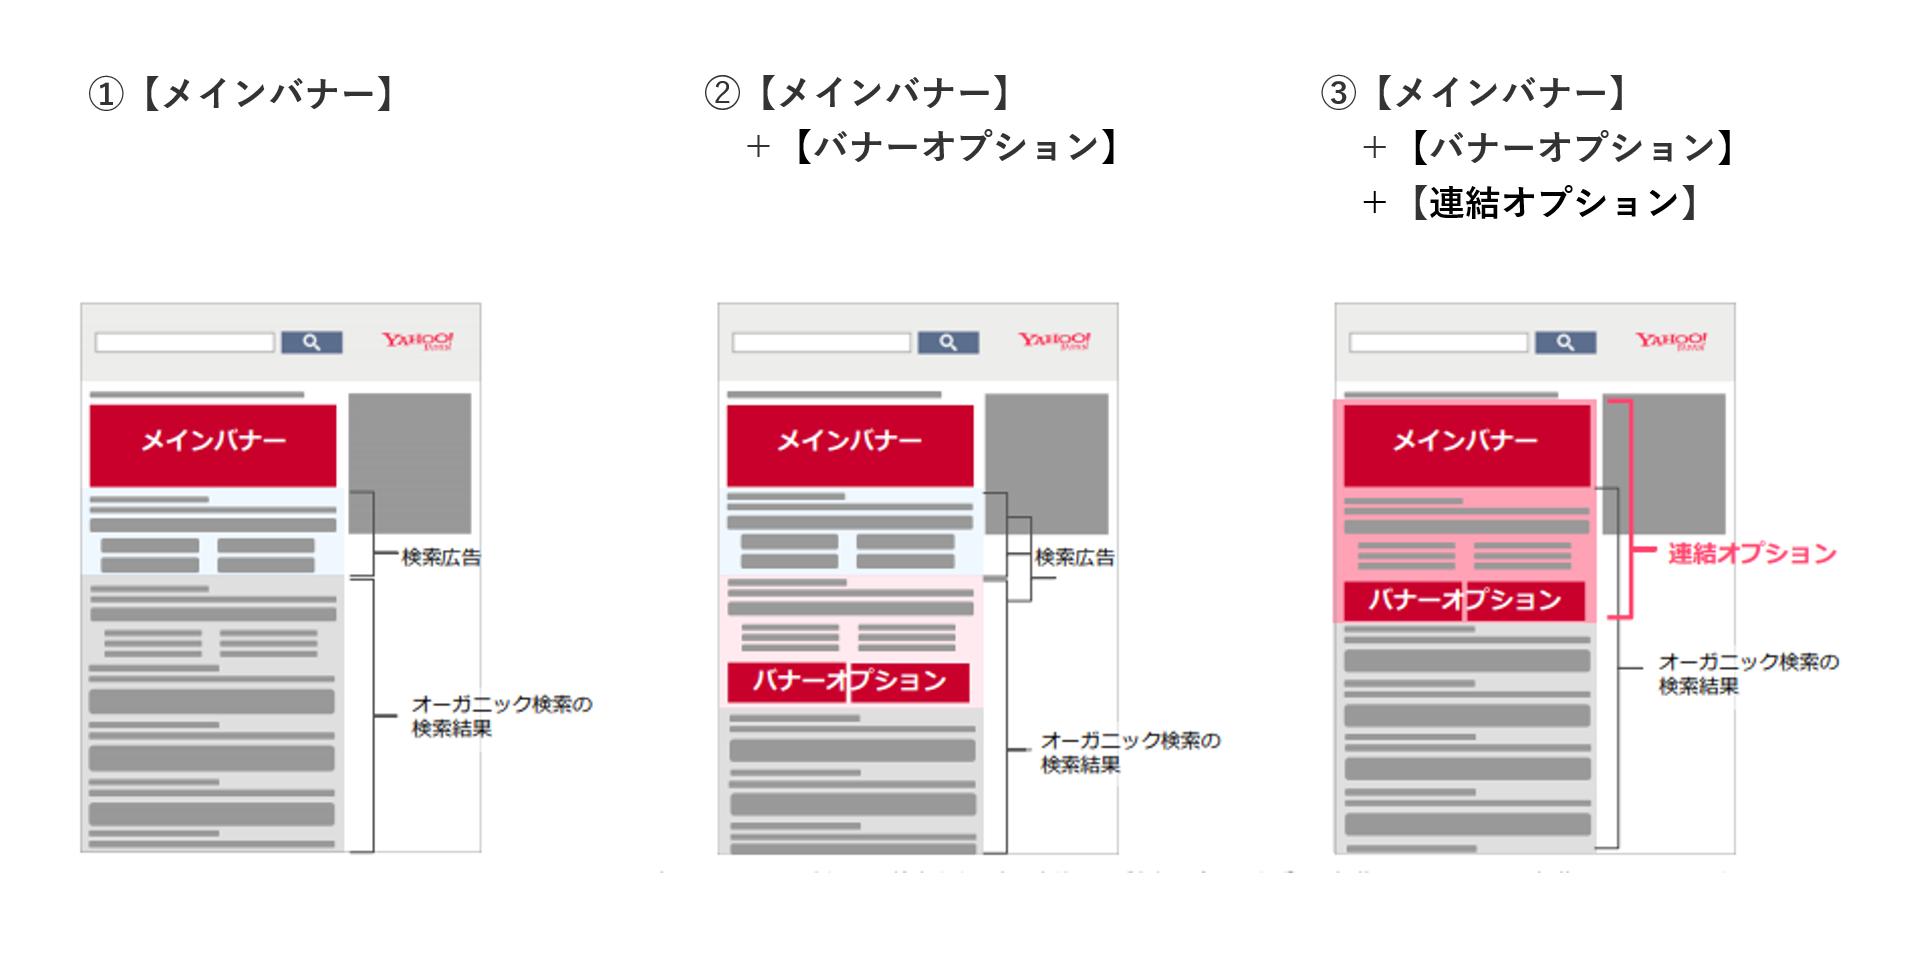 検索連動型ブランディング広告_掲載パターン